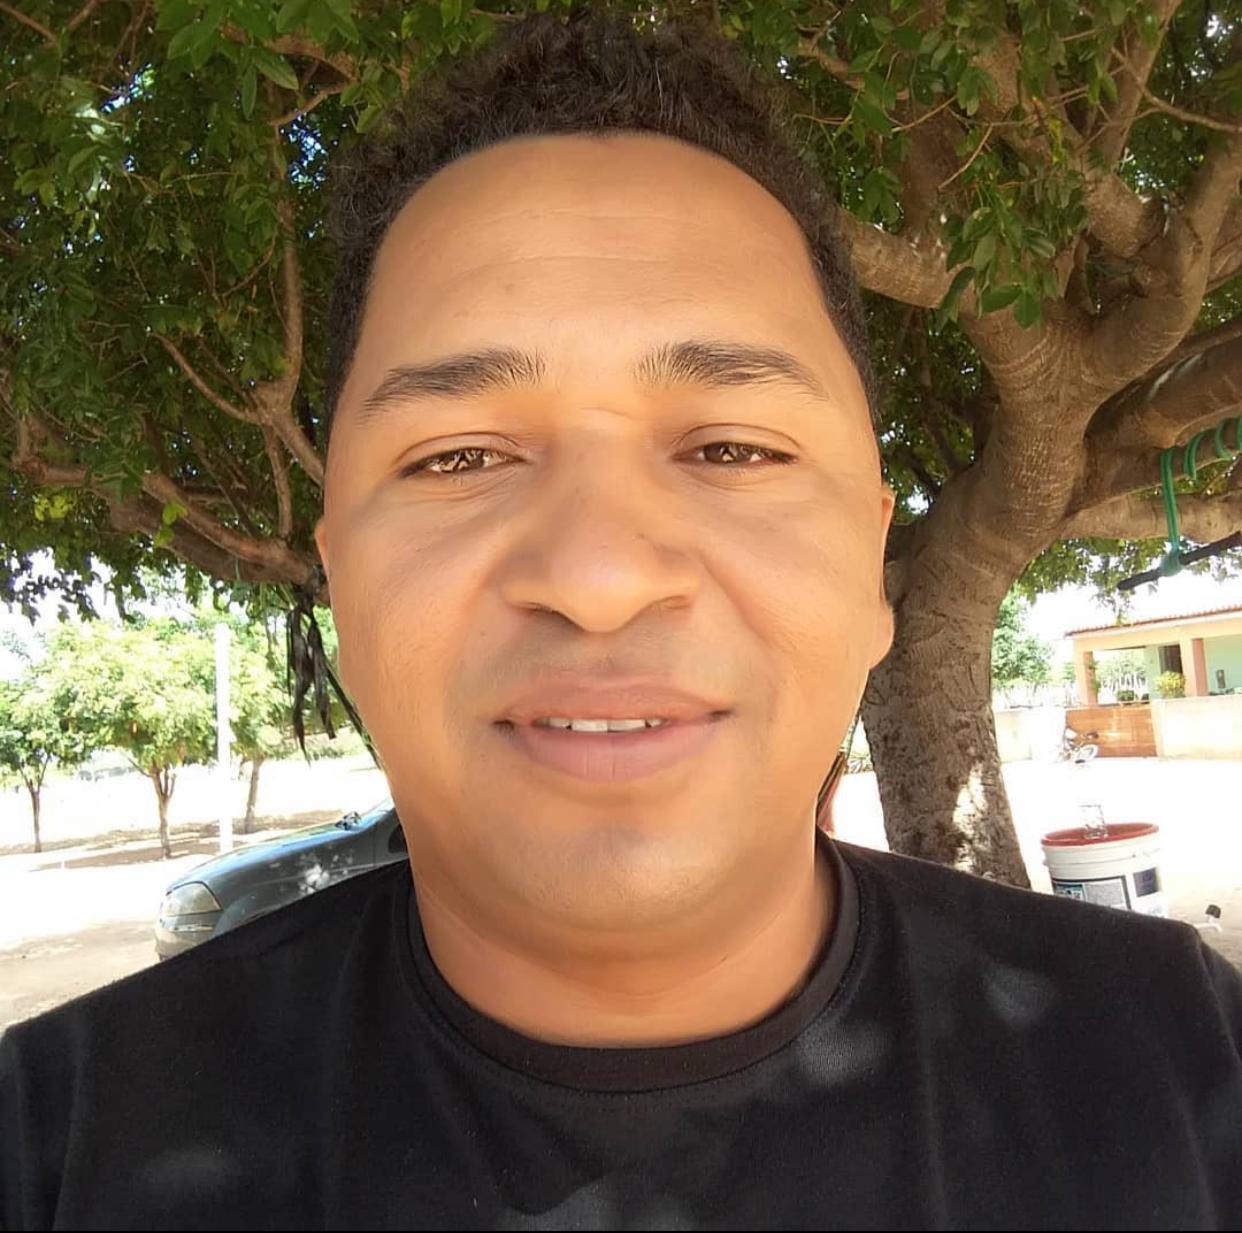 Waldir Santos morreu após sobrer descarga elétrica em casa